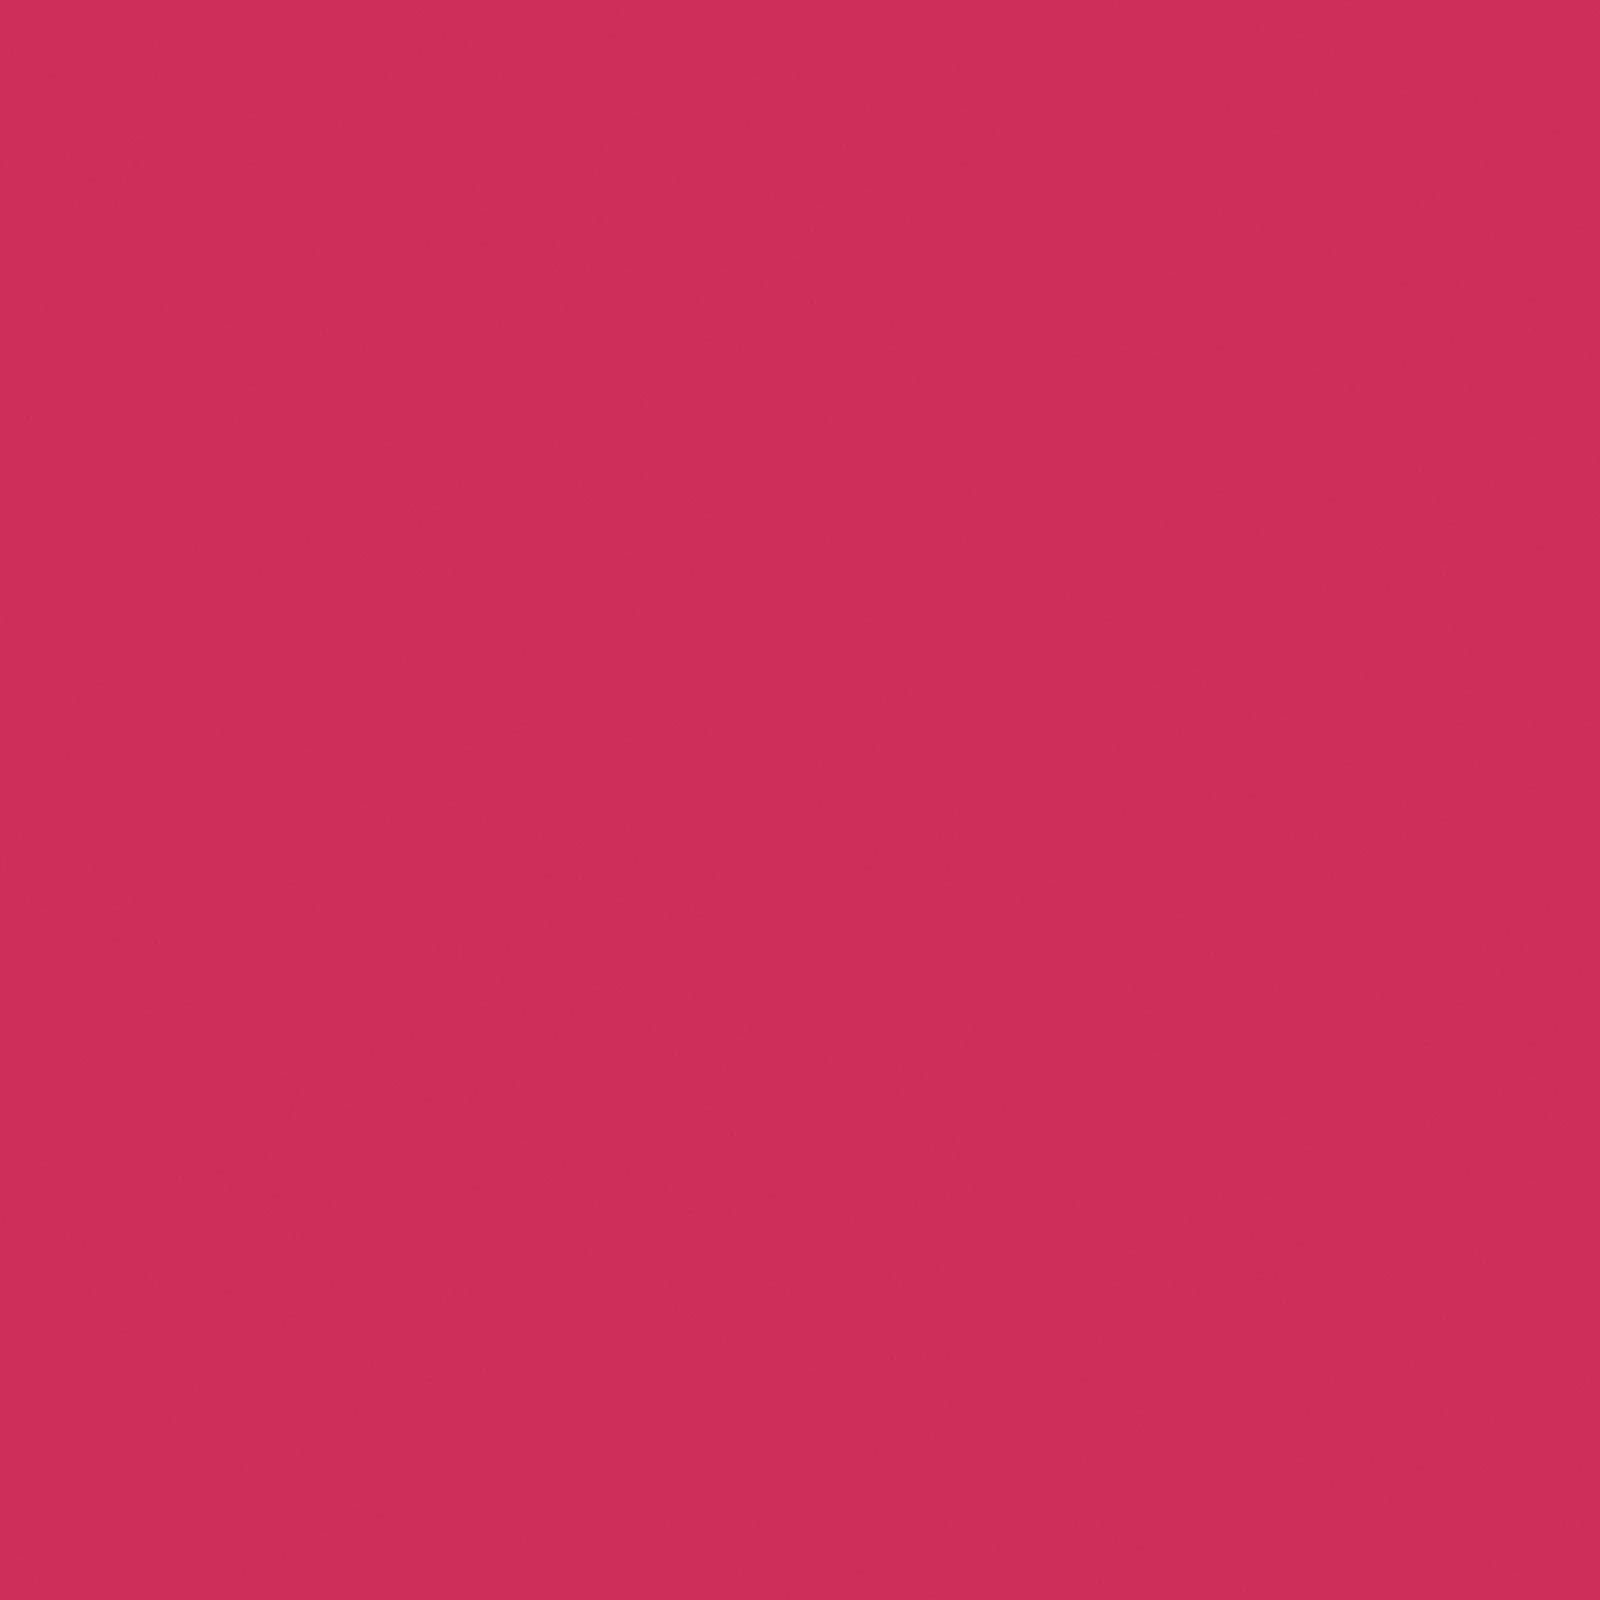 Tilda - Solid Colors / Vintage Red